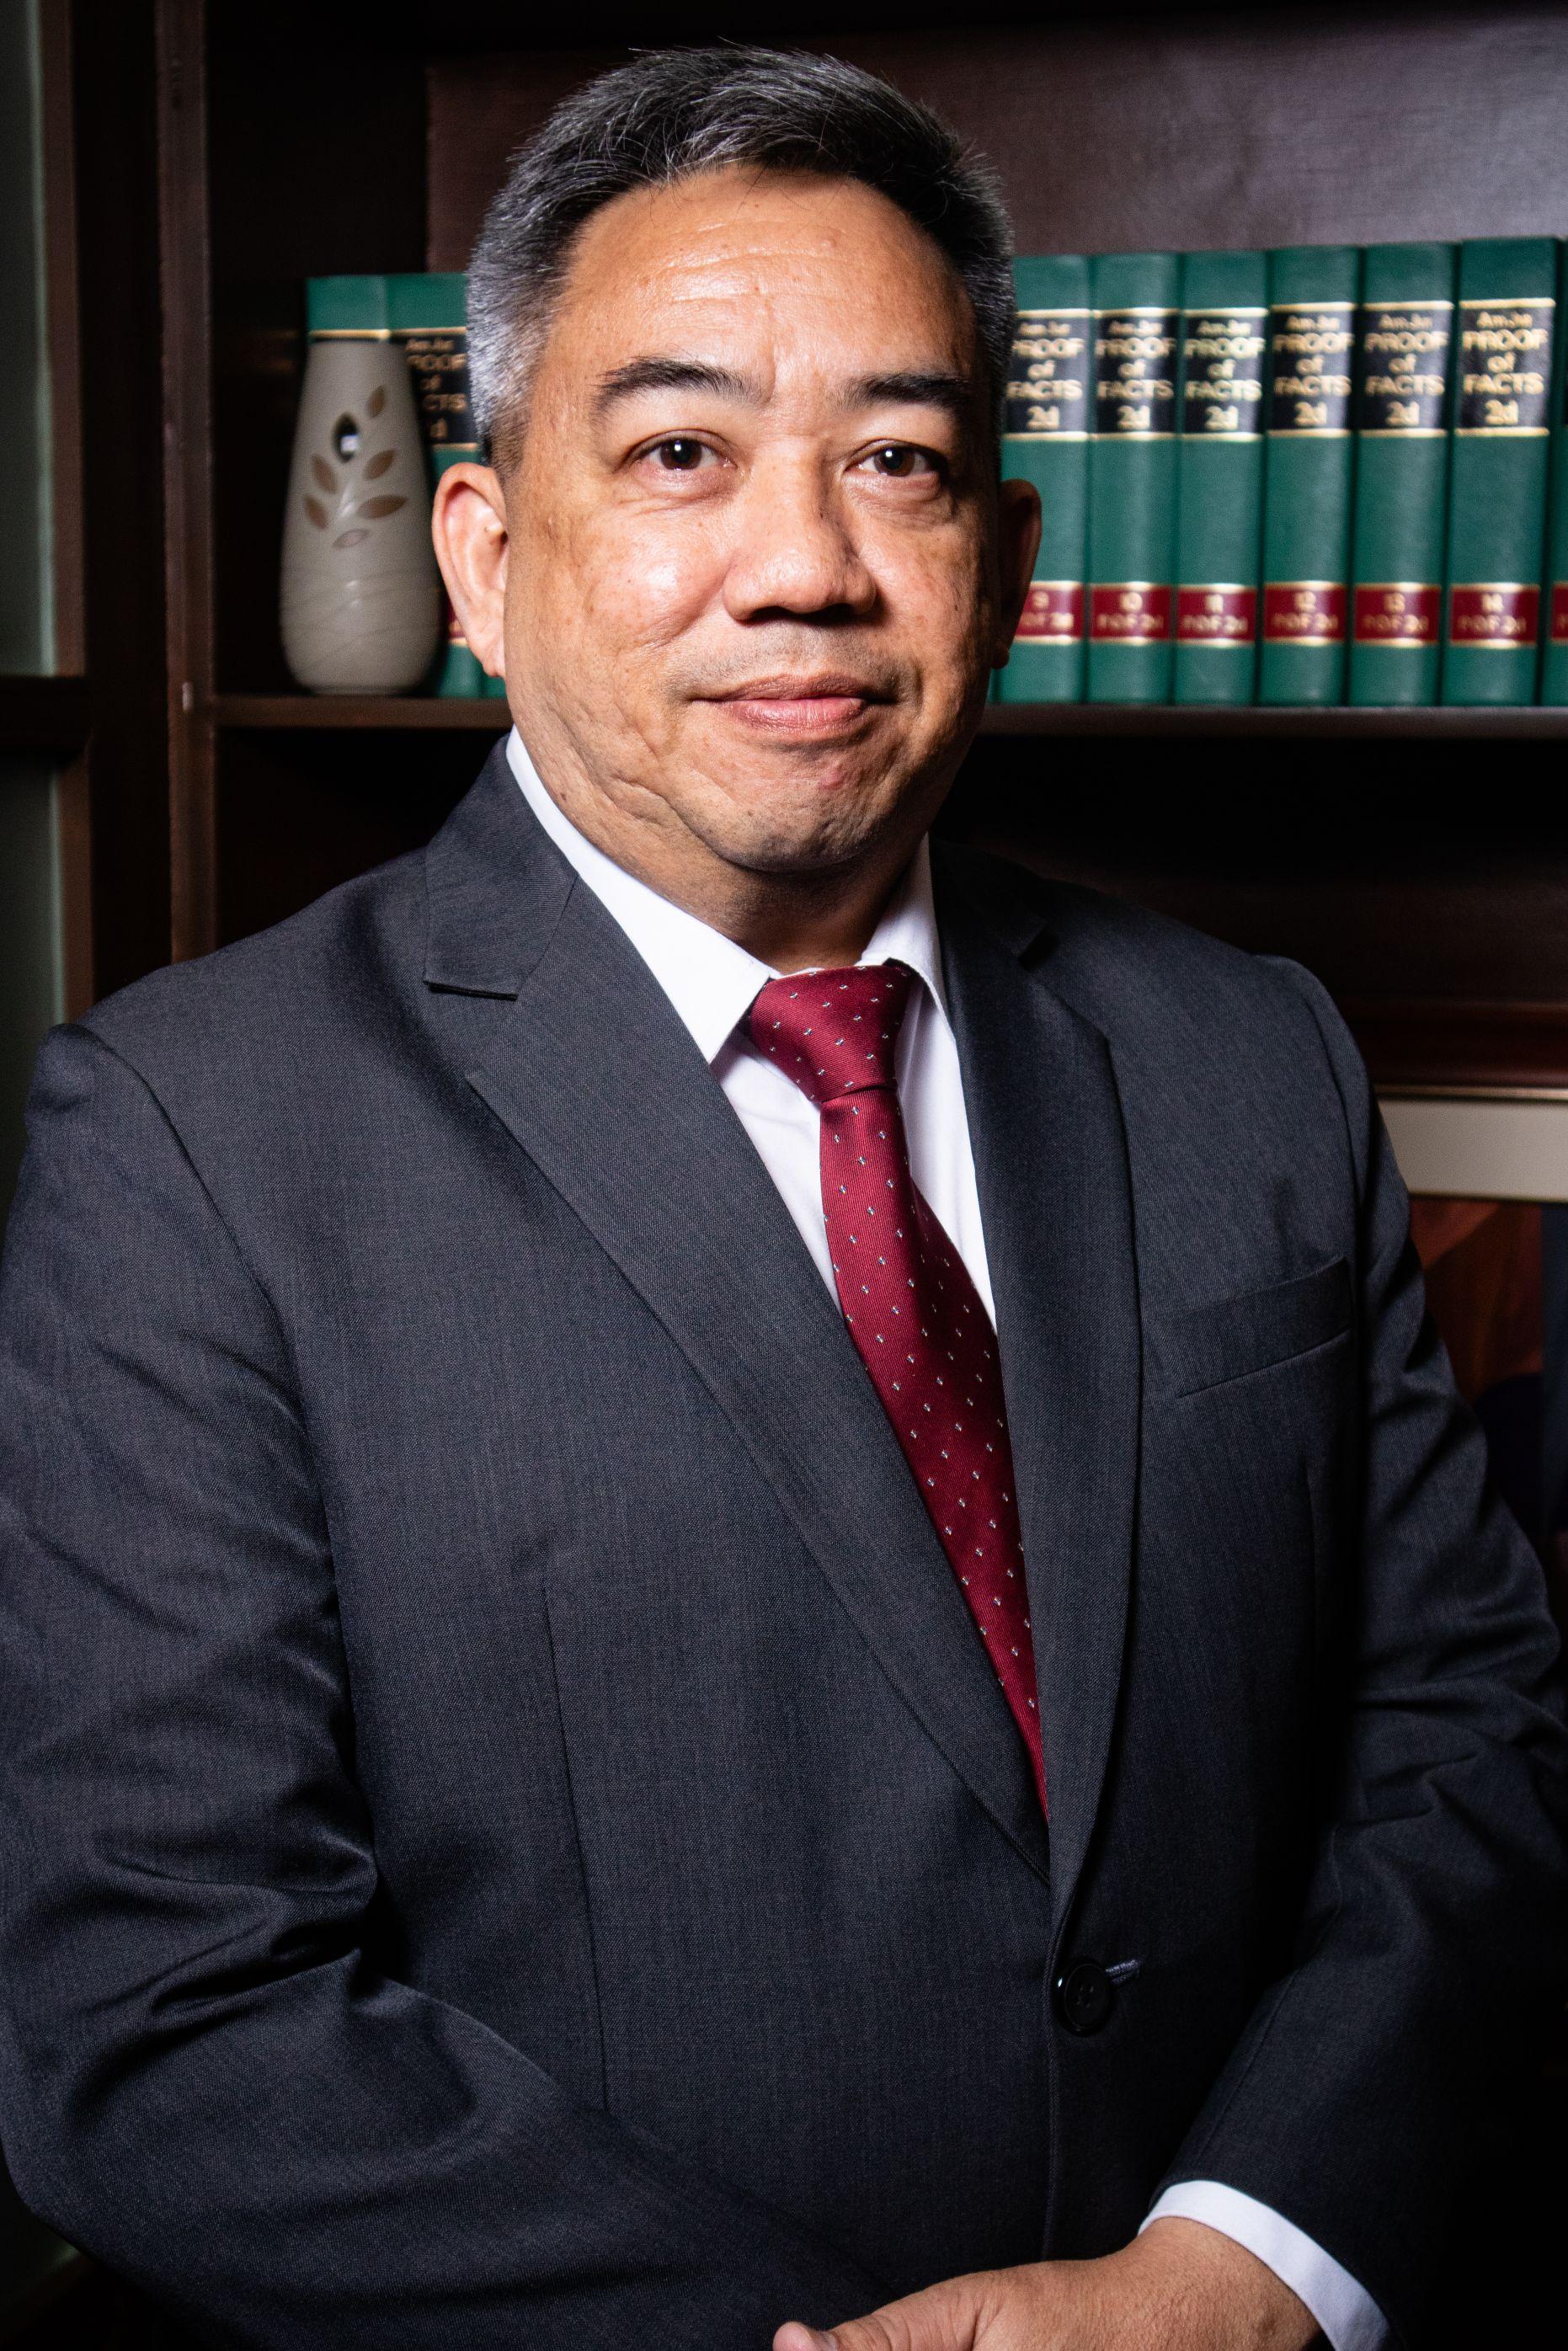 DANIEL ARNOLD M. AÑOVER